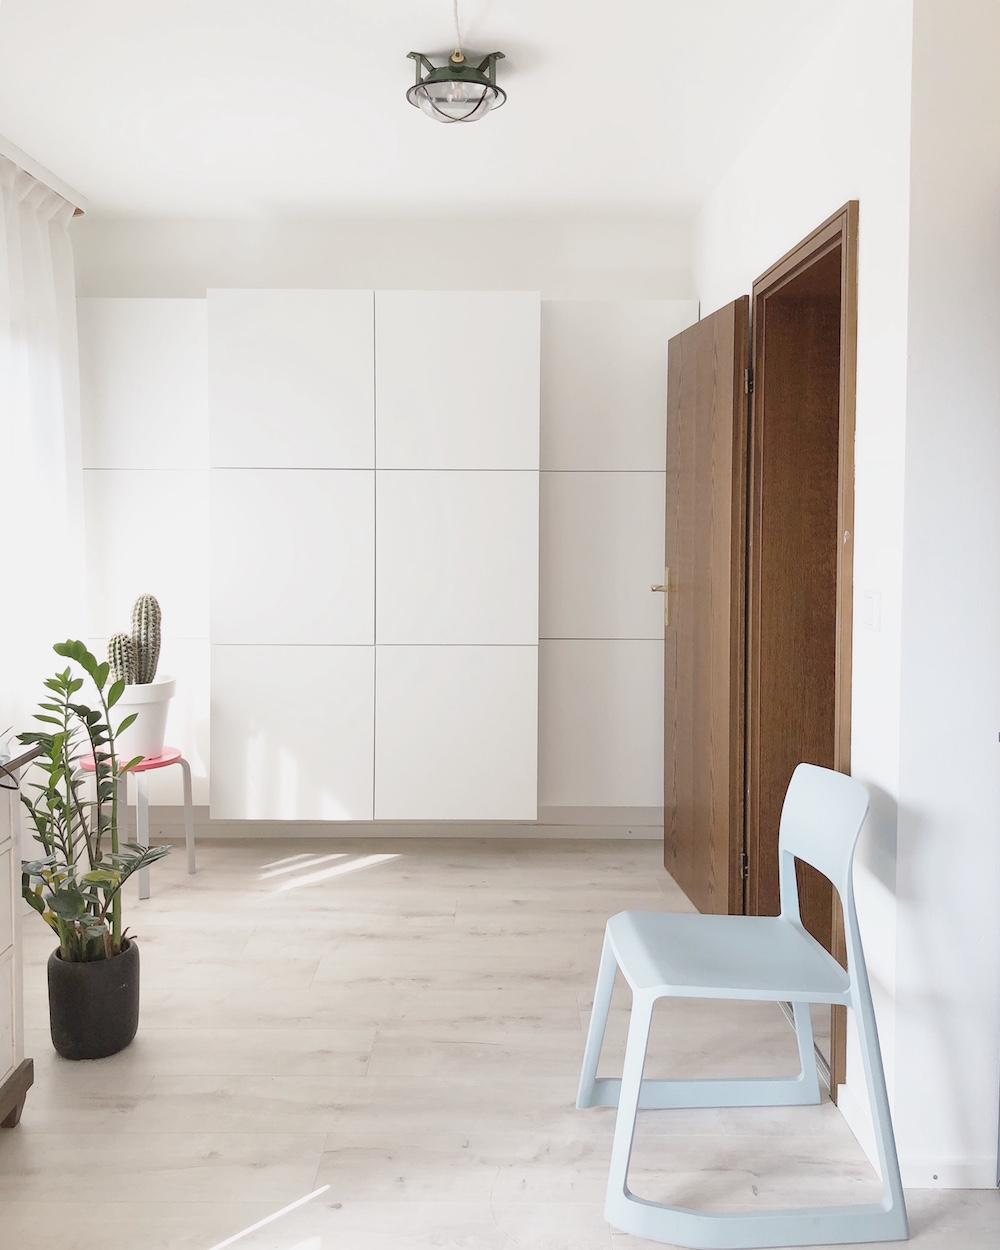 Arbeitszimmer ikea  life on fernlane - Ikea-Besta-Stauraum-Arbeitszimmer - life on fernlane